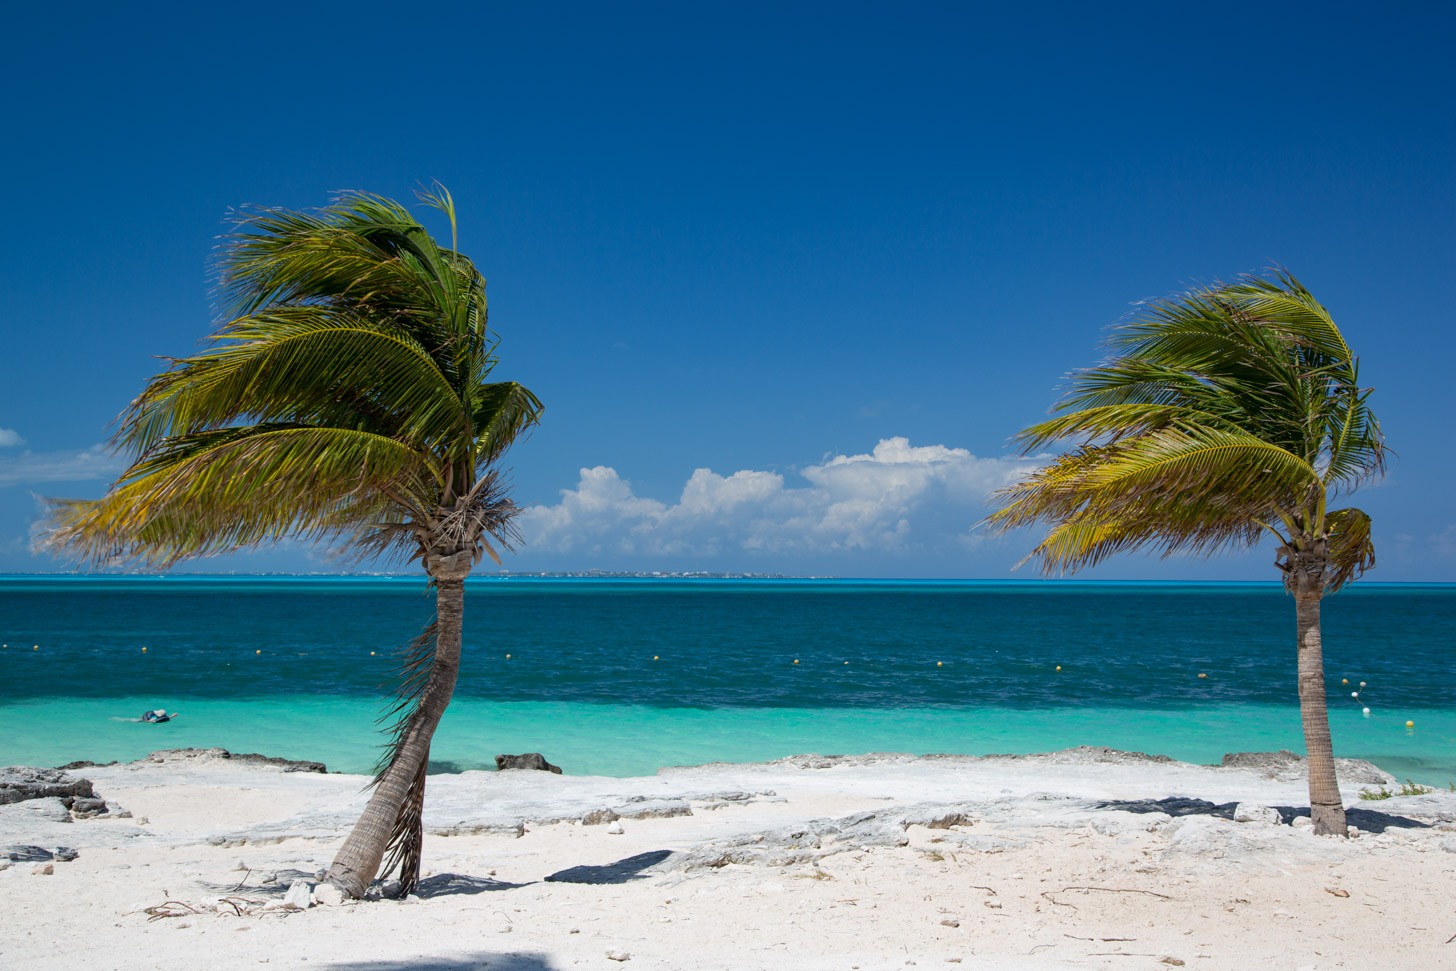 Heerlijk zonnig weer in Cancun